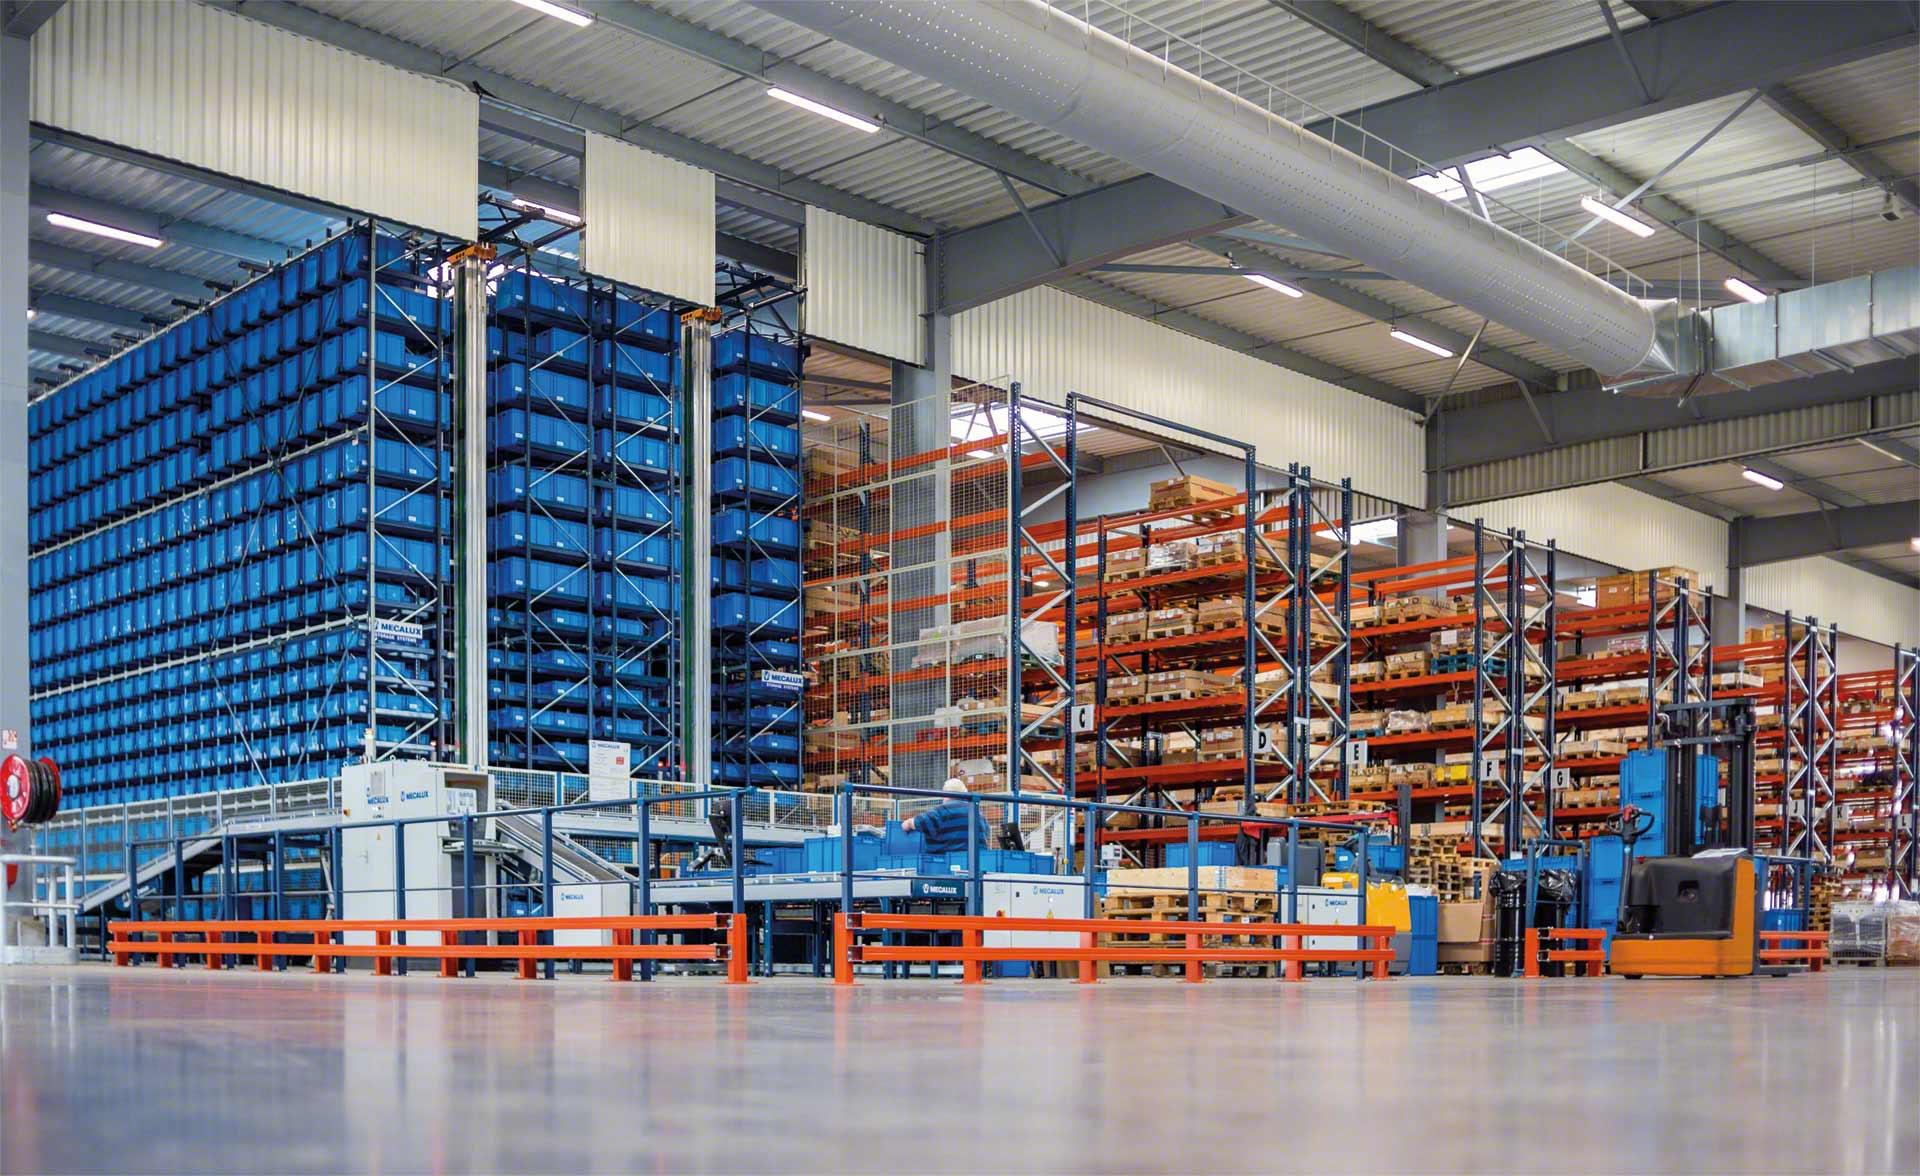 Los racks son el sistema de almacenamiento más eficaz para gestionar la mercadería